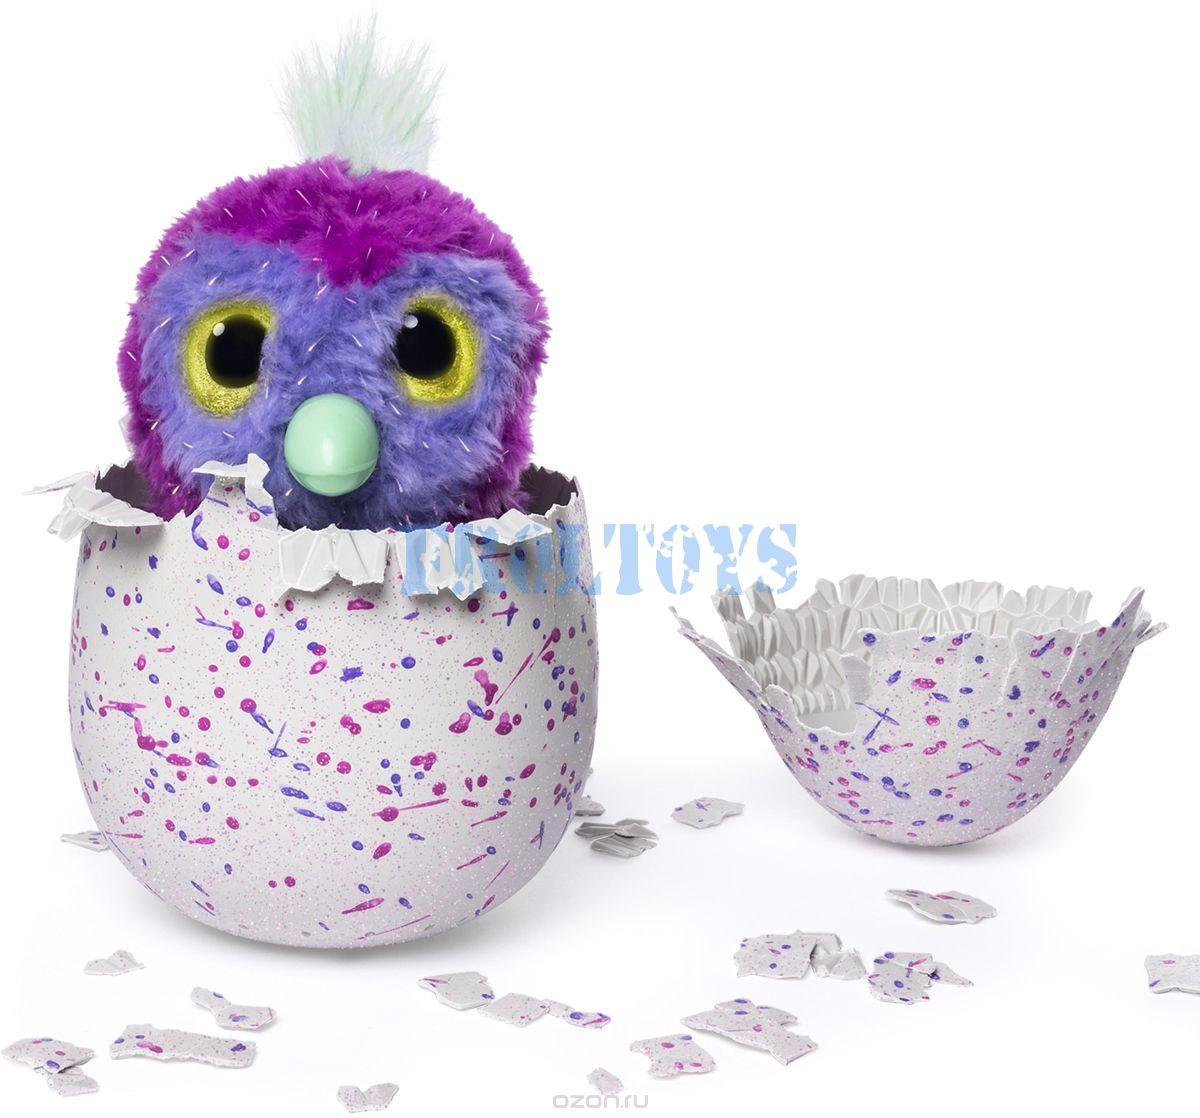 Hatchimals (Хэтчималс) интерактивная игрушка в яйце